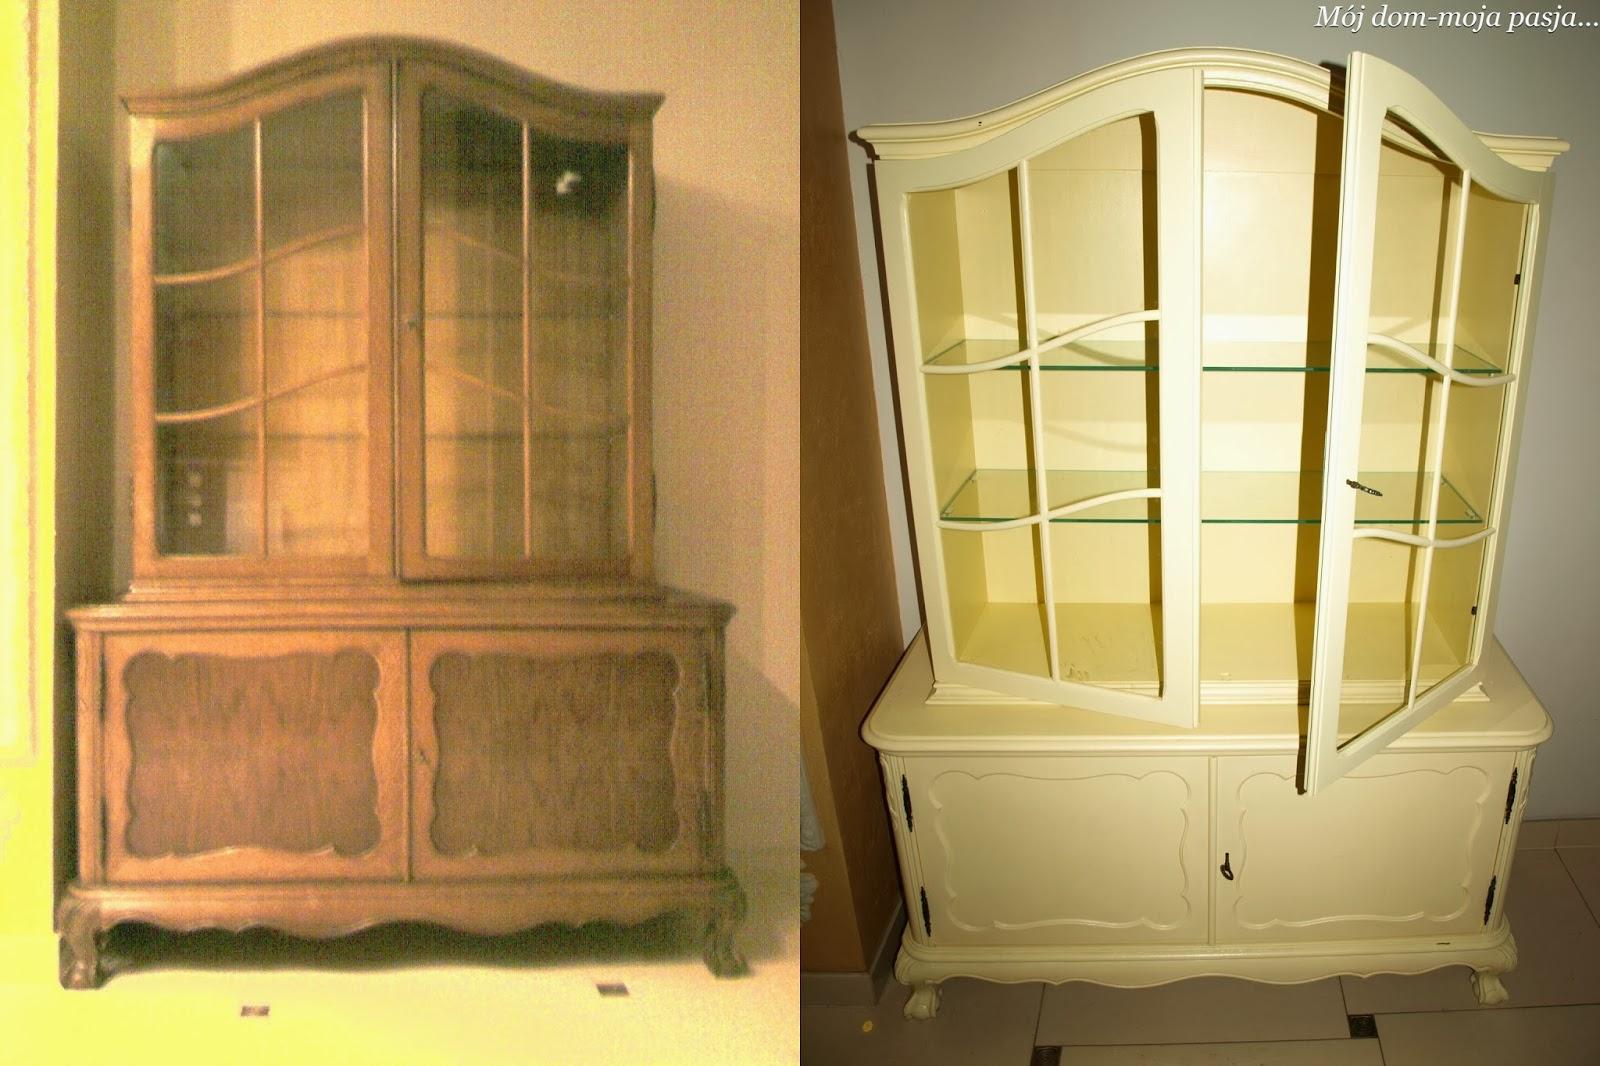 renowacja starej komody, renowacja starych mebli, shabby chic, styl retro, mój dom moja pasja